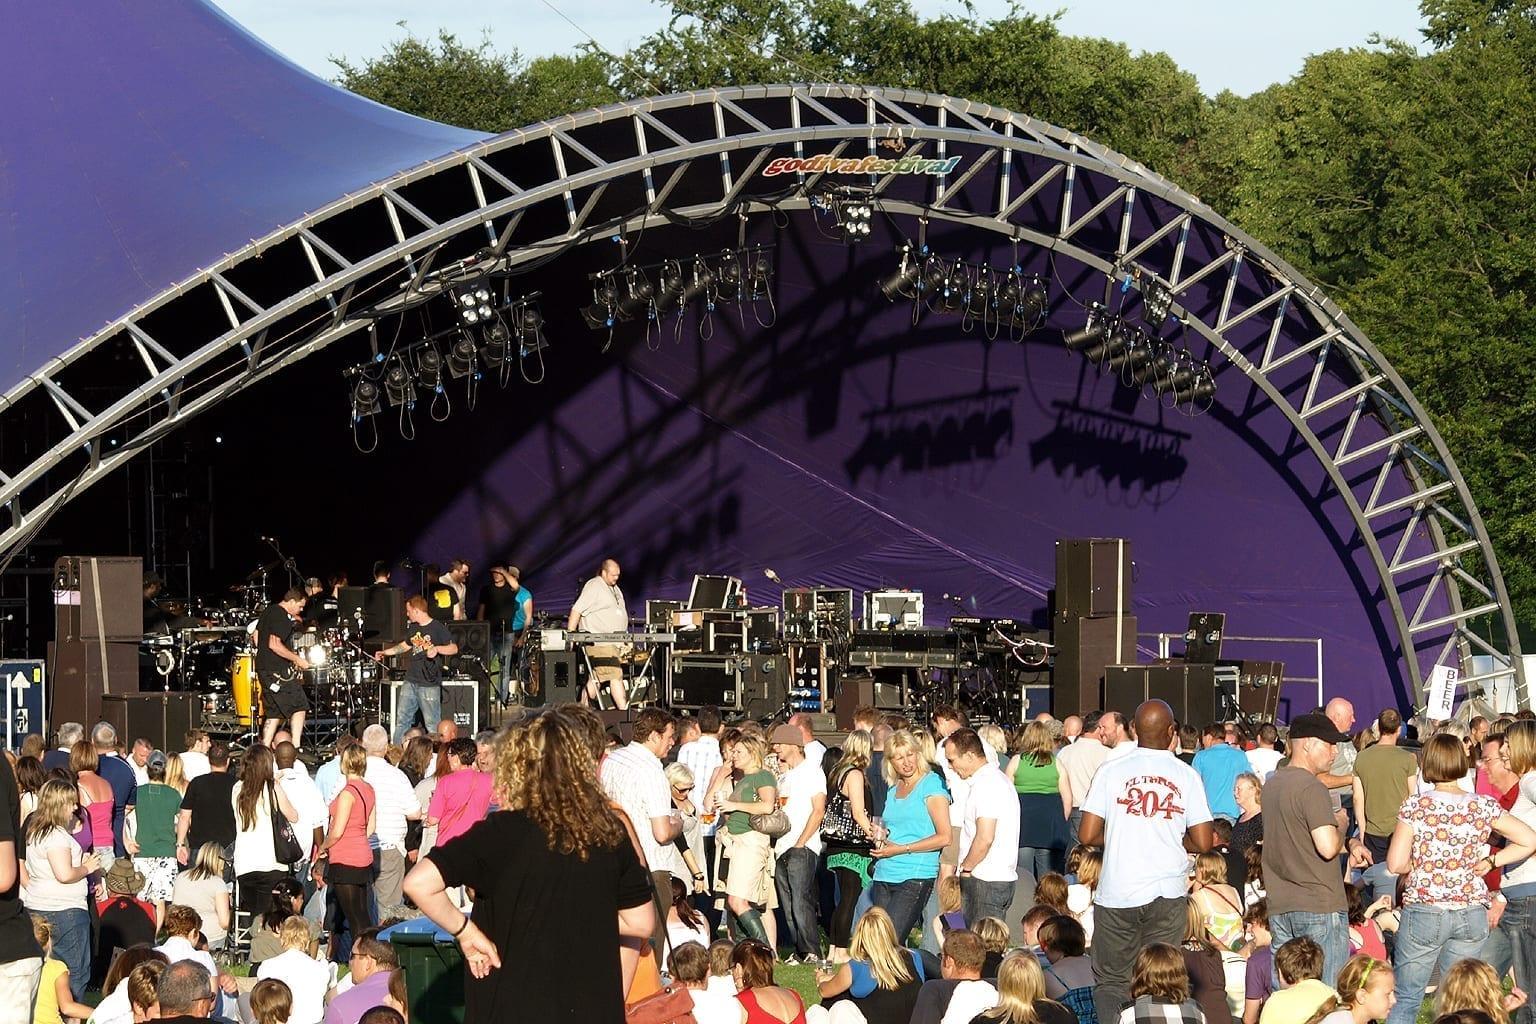 El escenario principal eléctrico del Festival Godiva 2009 Coventry Reino Unido